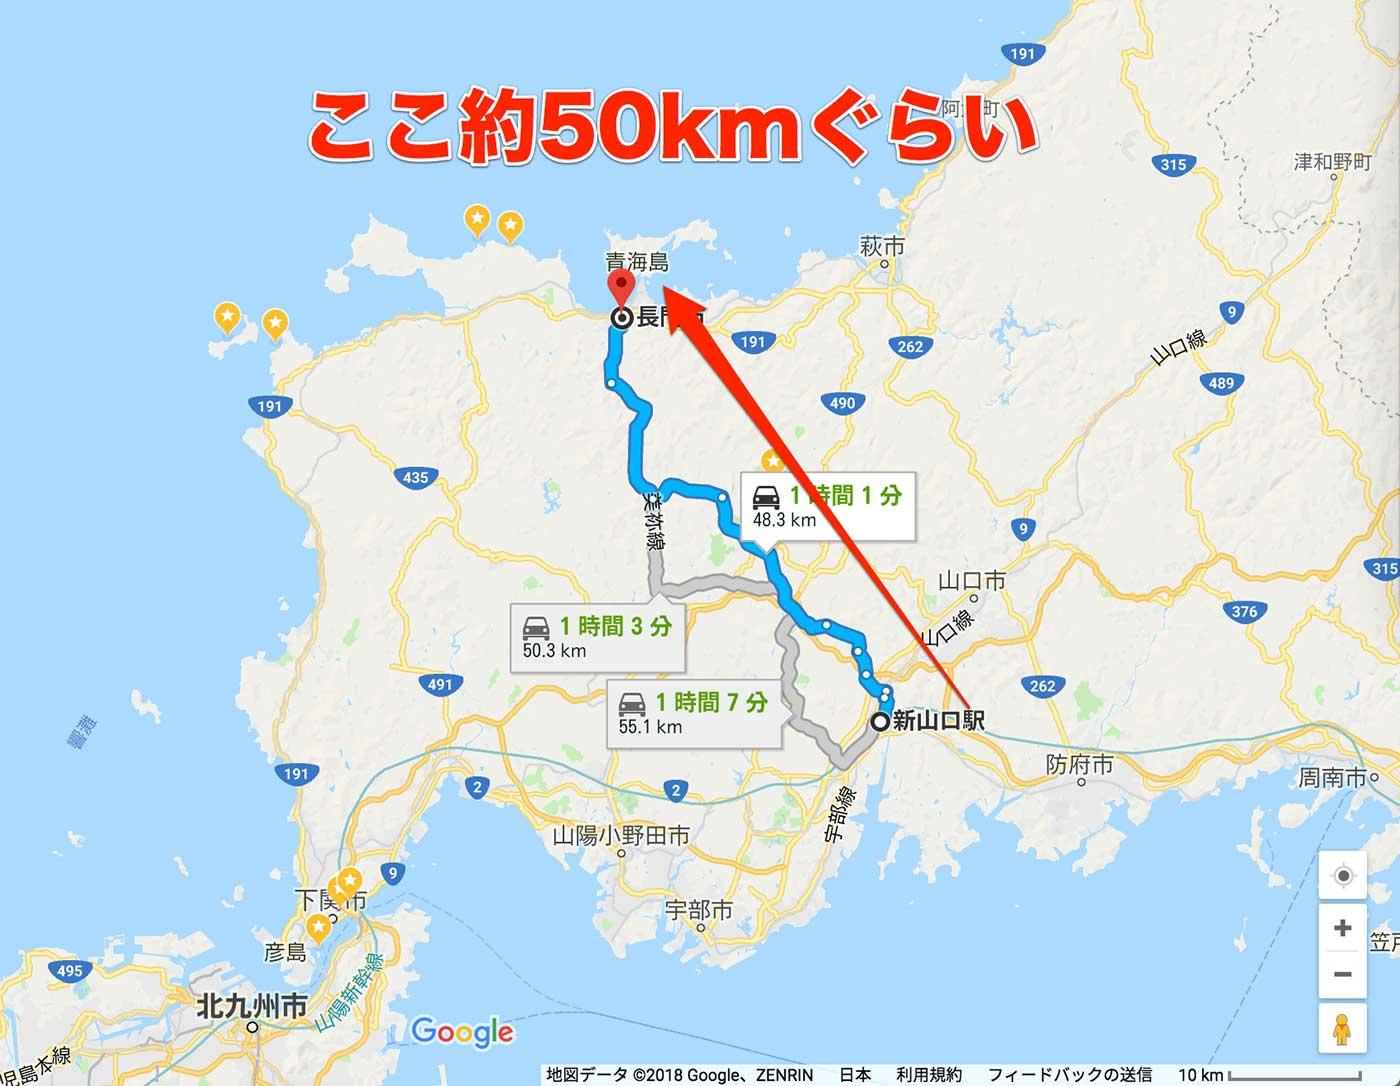 新山口駅から長門までの距離